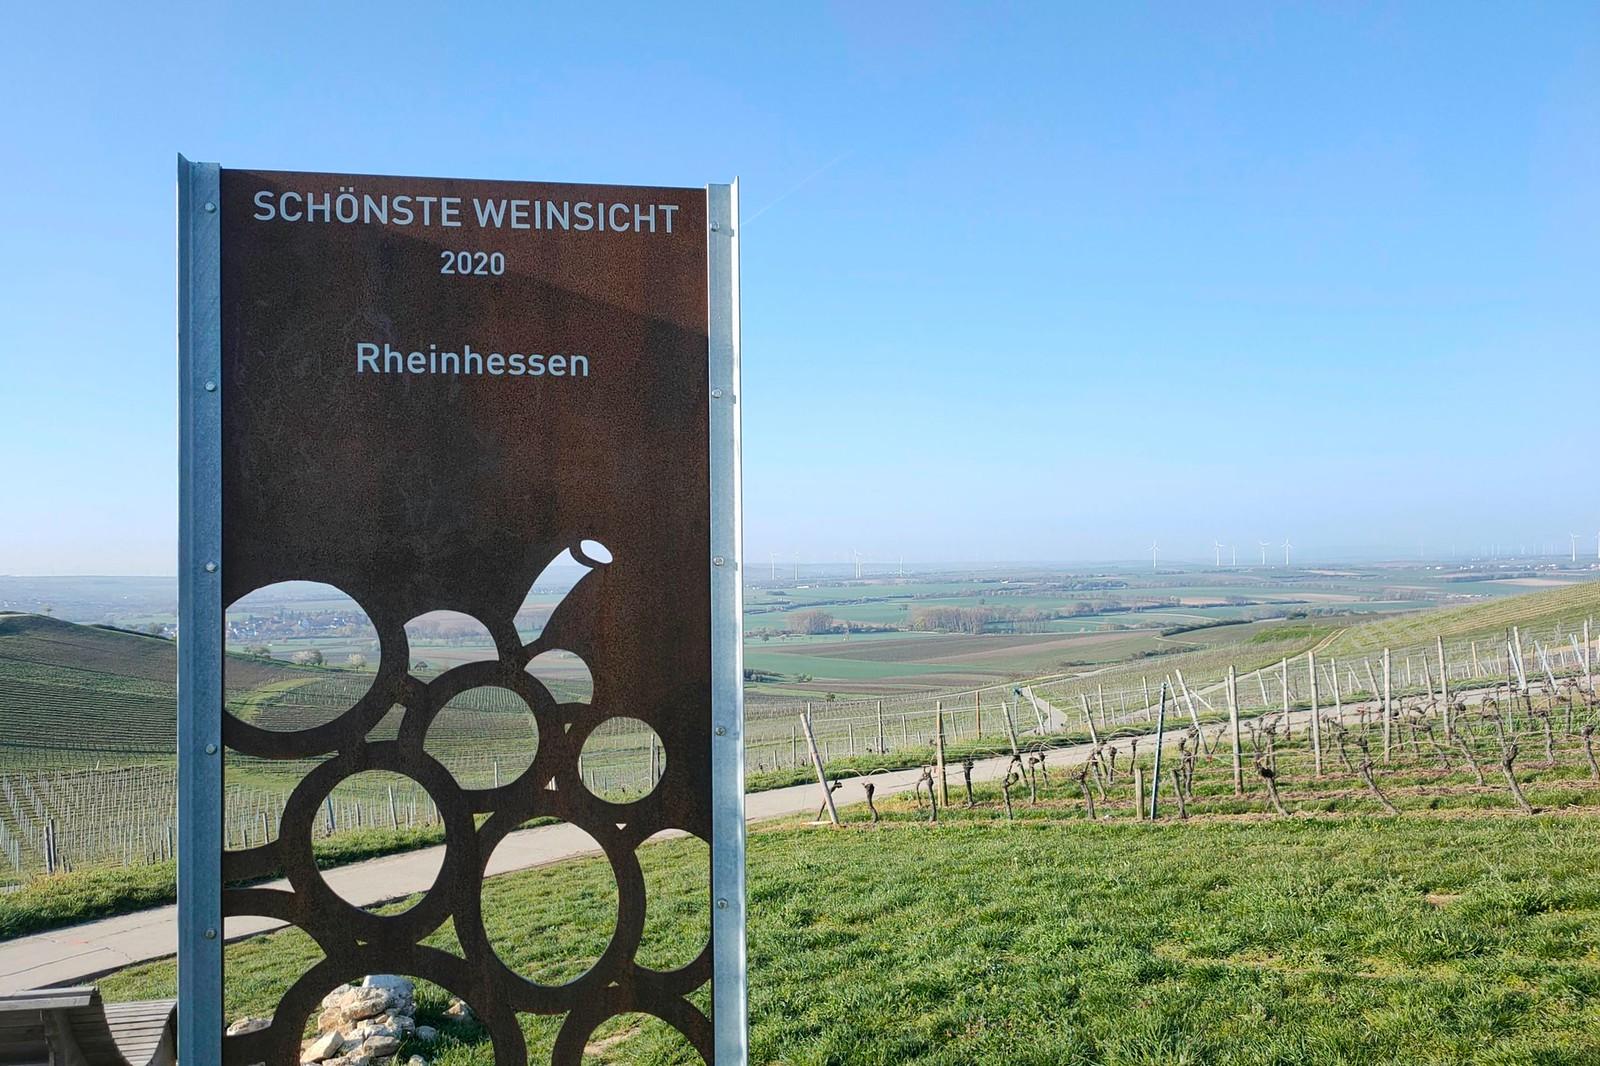 Schönste Weinsicht 2020 Rheinhessen